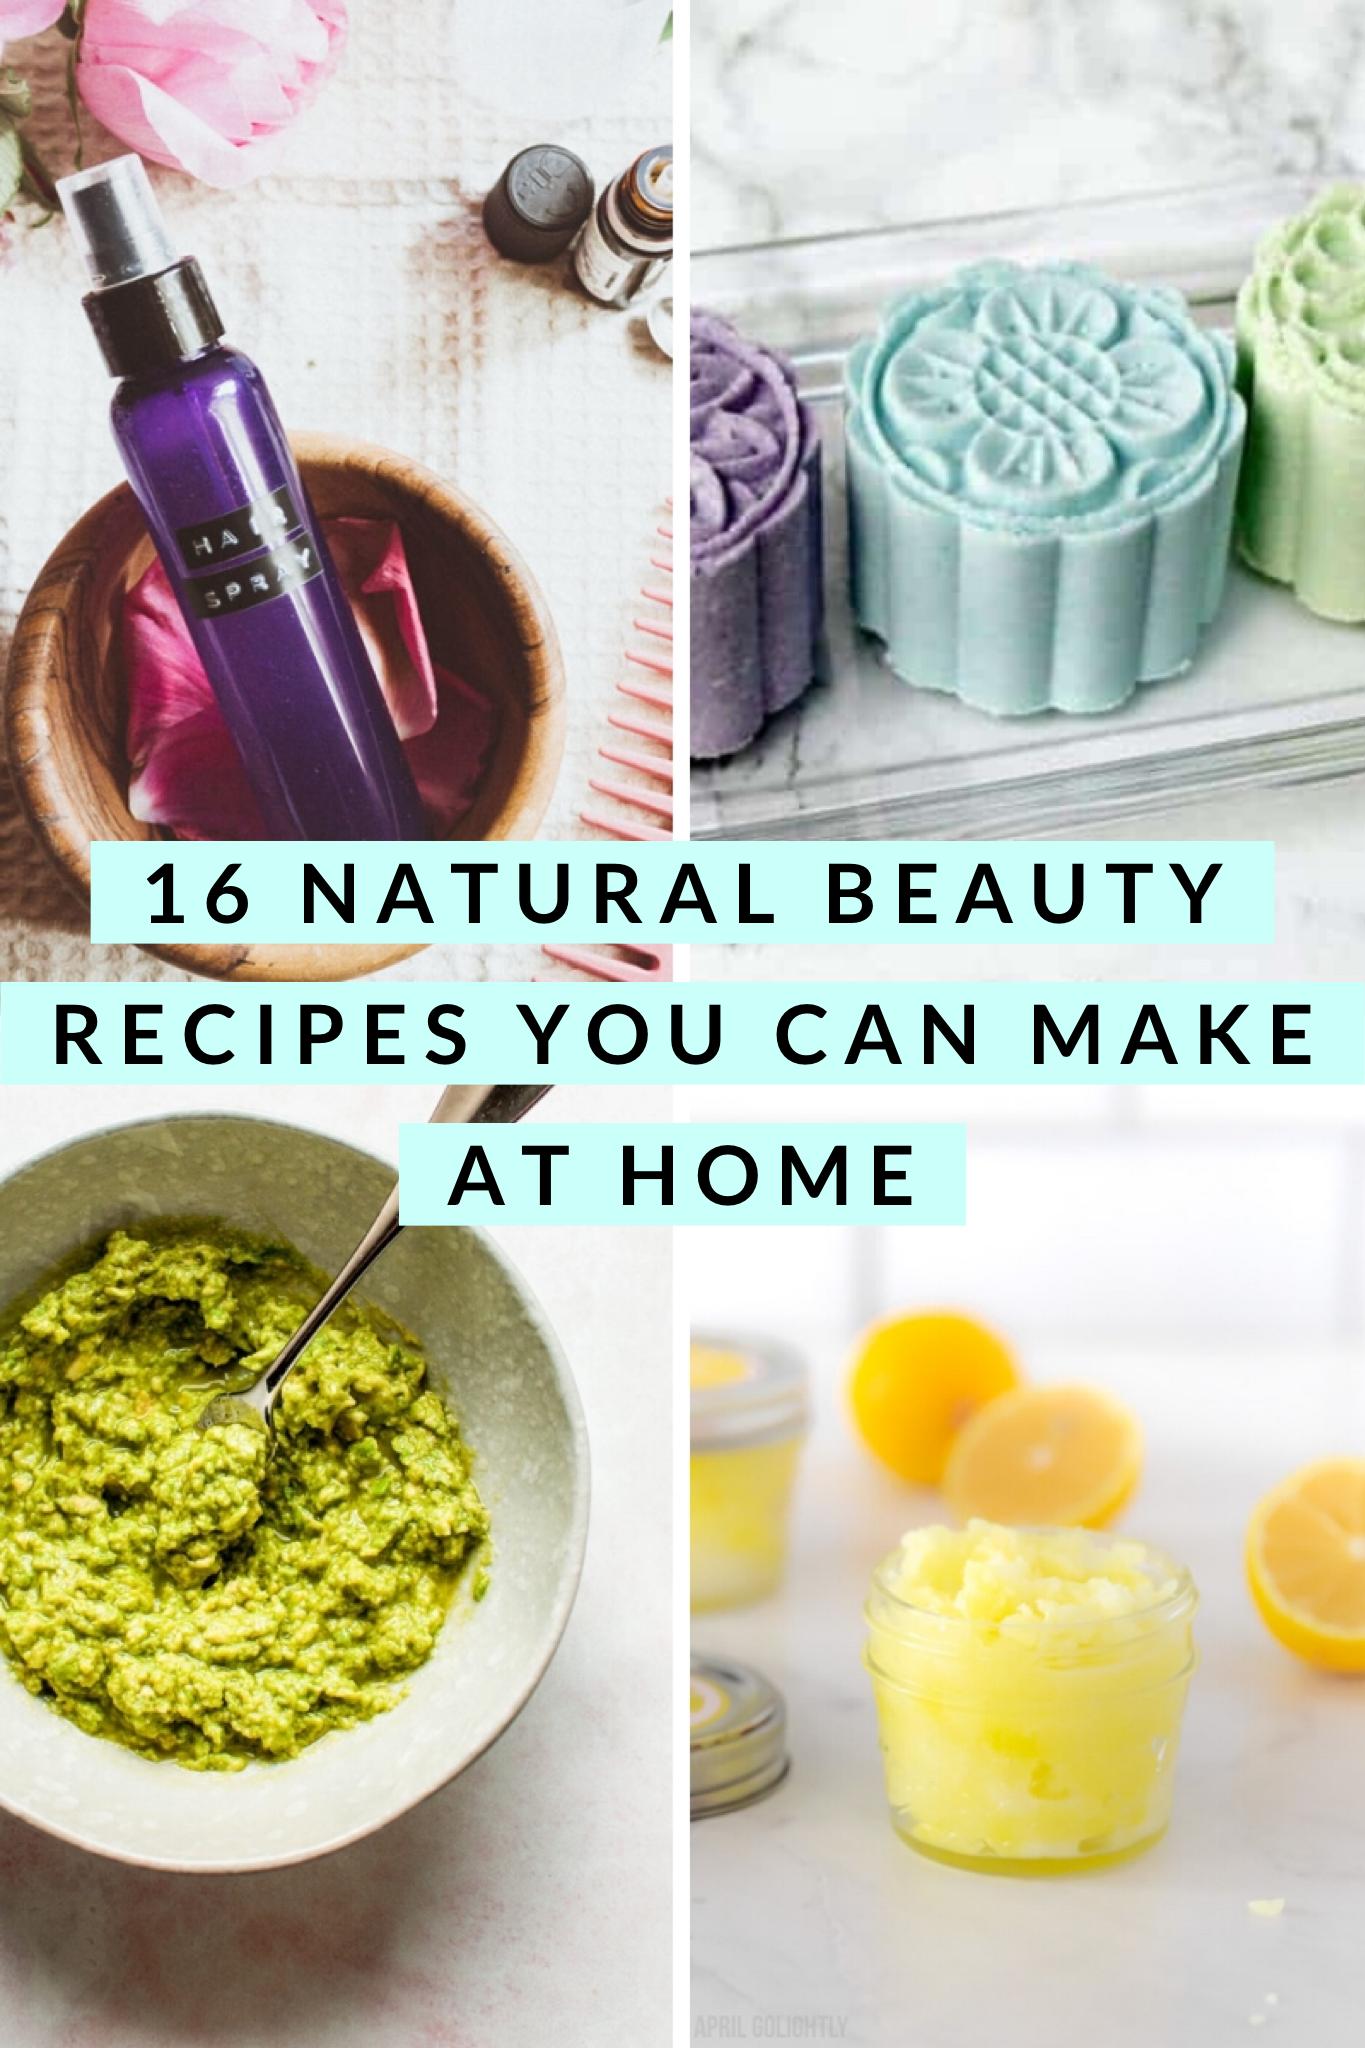 16 Natural Beauty Recipes You Can Make At Home This Healthy Table Natural Beauty Recipes Beauty Recipe Natural Beauty Diy